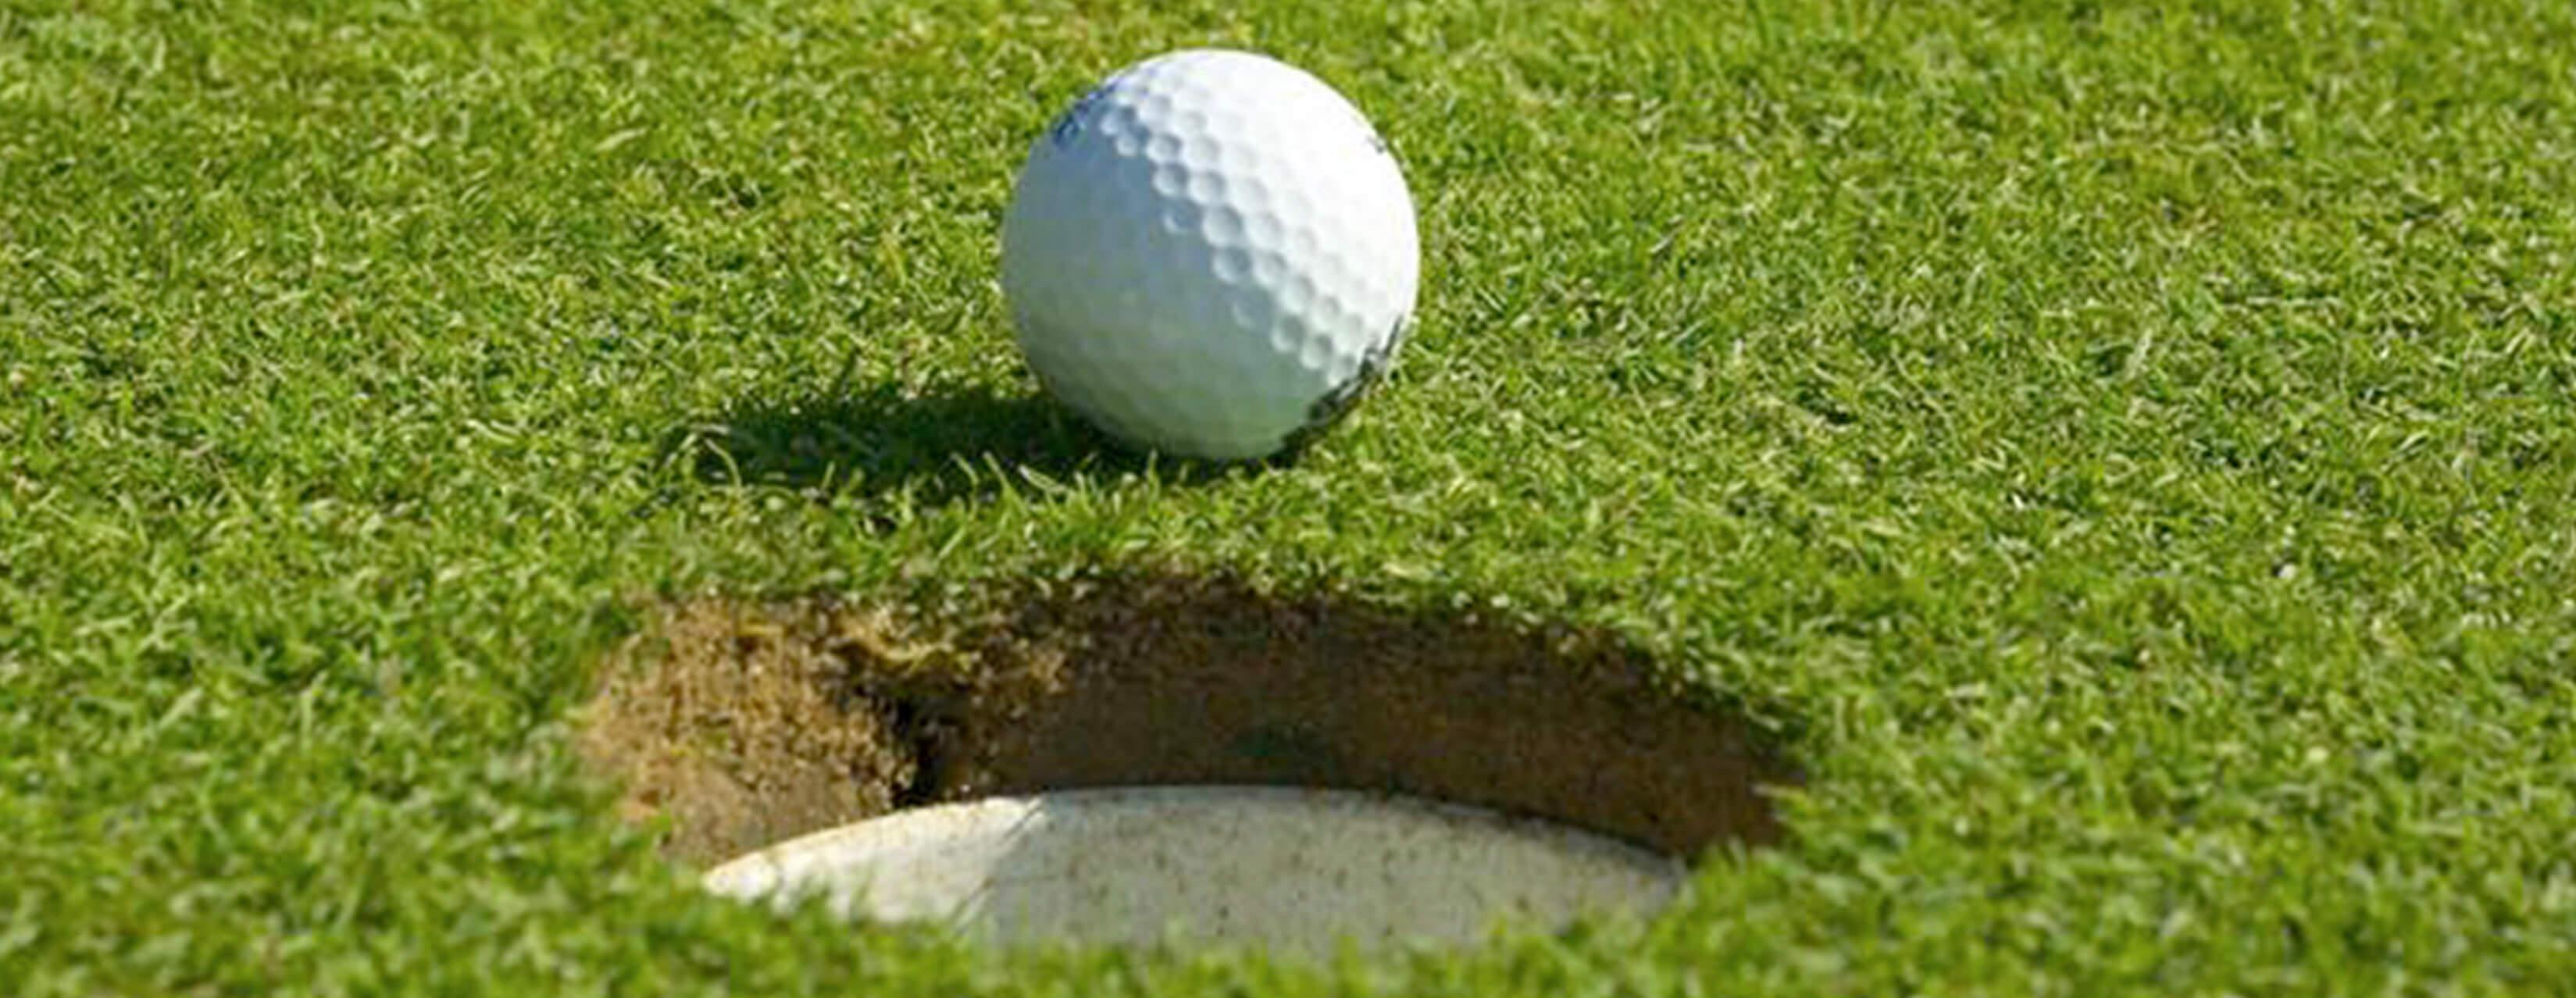 header_angebote_golfdeluxe.jpg